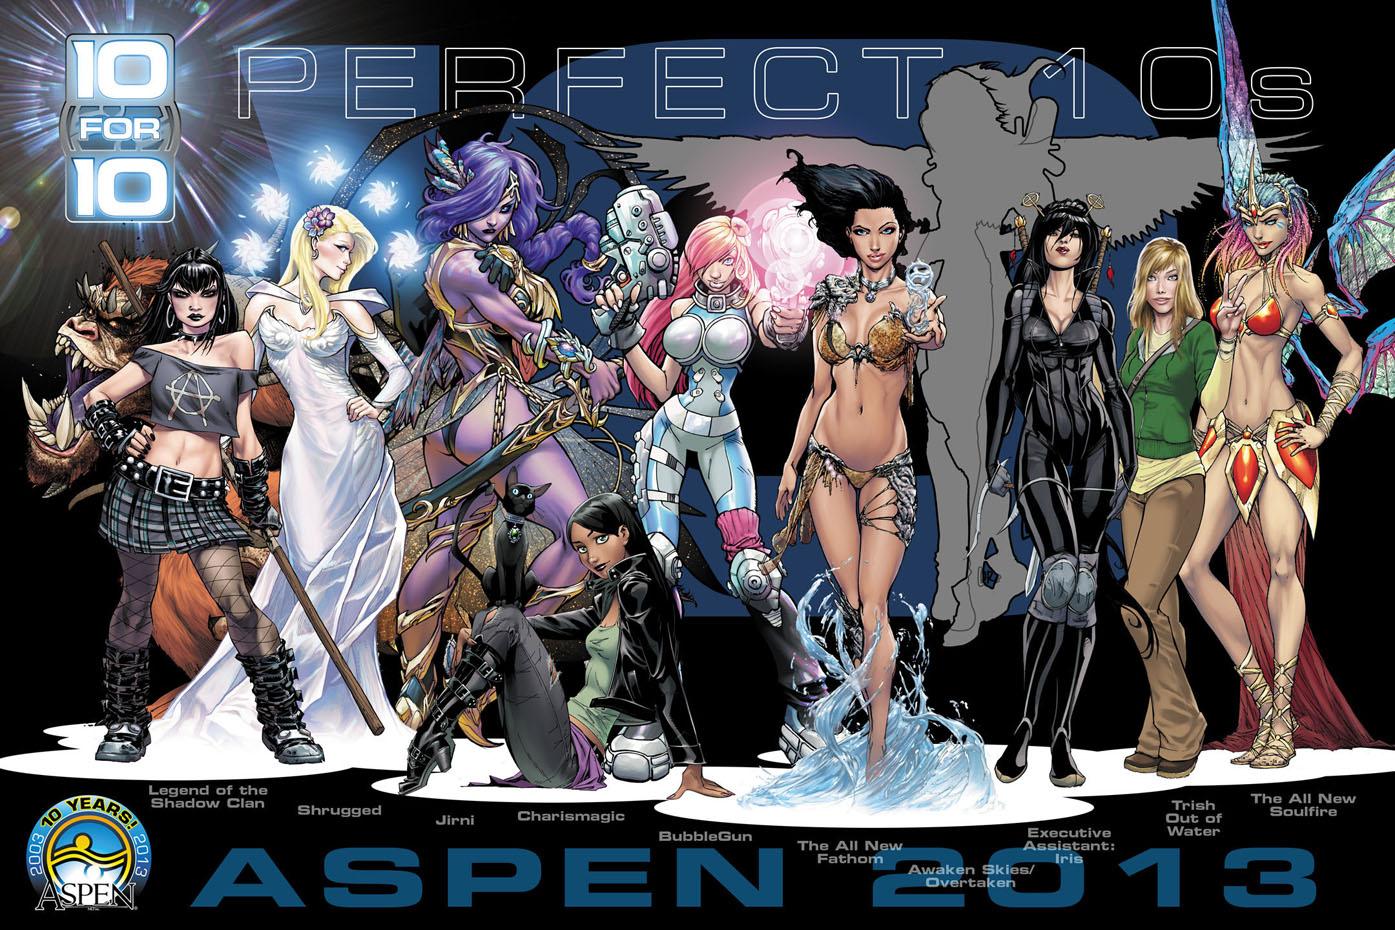 aspen10 for 10